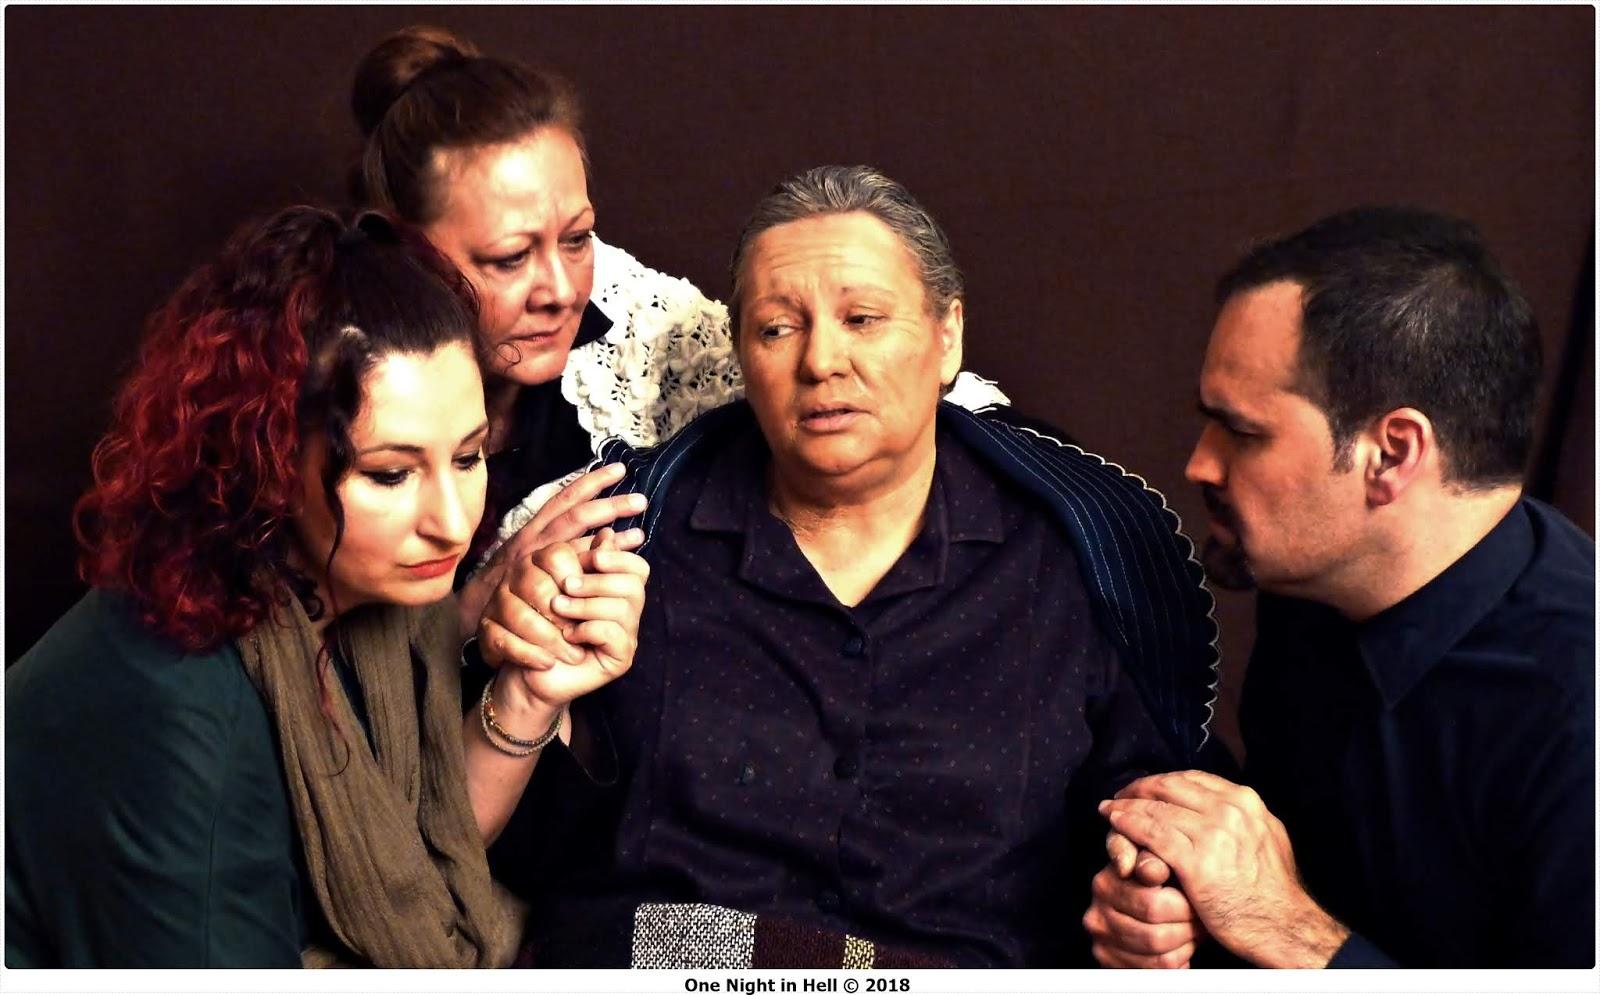 Το τρέιλερ της νέας ταινίας του Νίκου Κουρού «Μια νύχτα στην κόλαση»